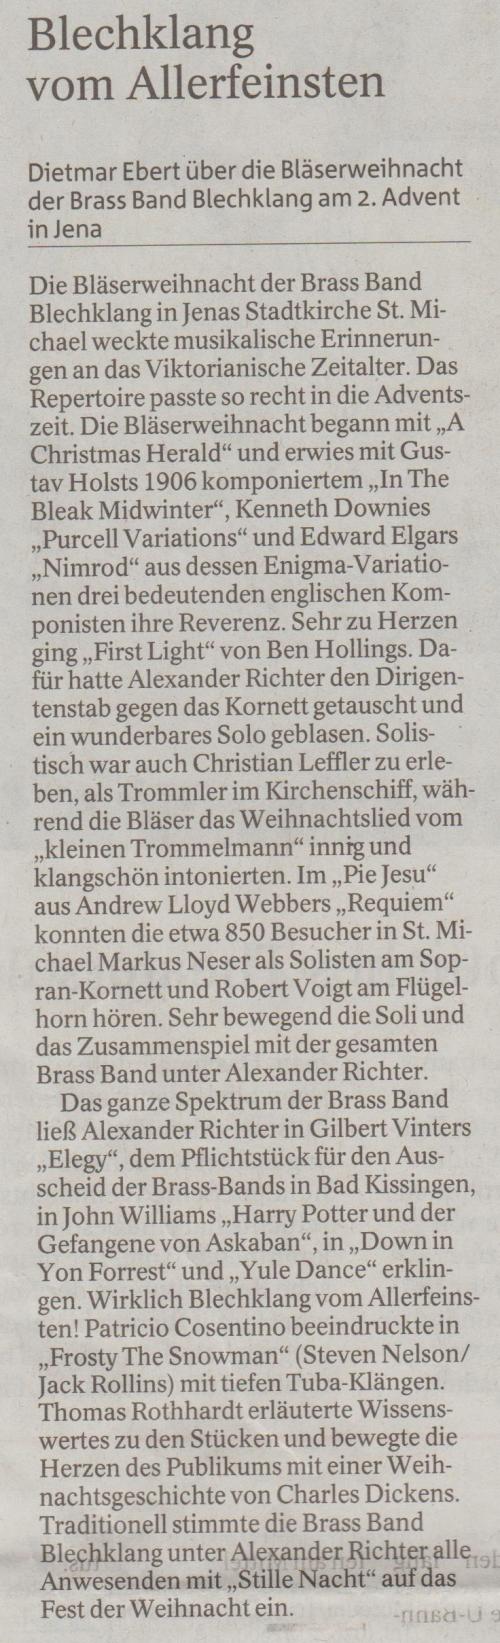 Kritik Bläserweihnacht Brass Band BlechKLANG OTZ